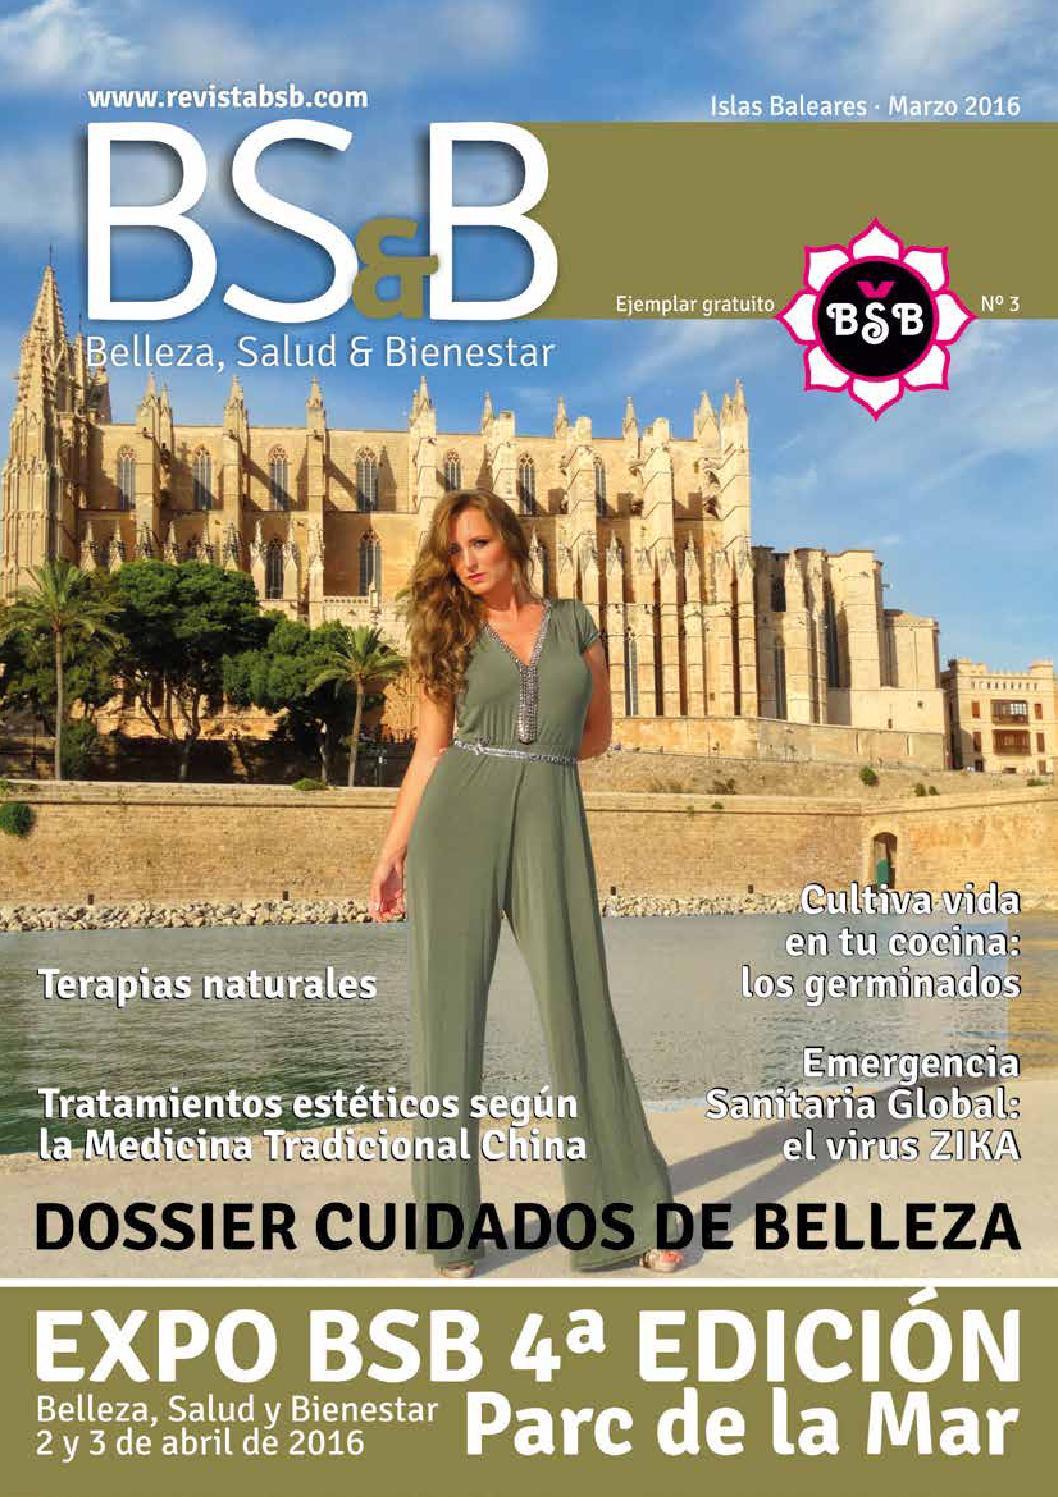 Revista Belleza, Salud y Bienestar Nr3 by Mallorcamente - issuu